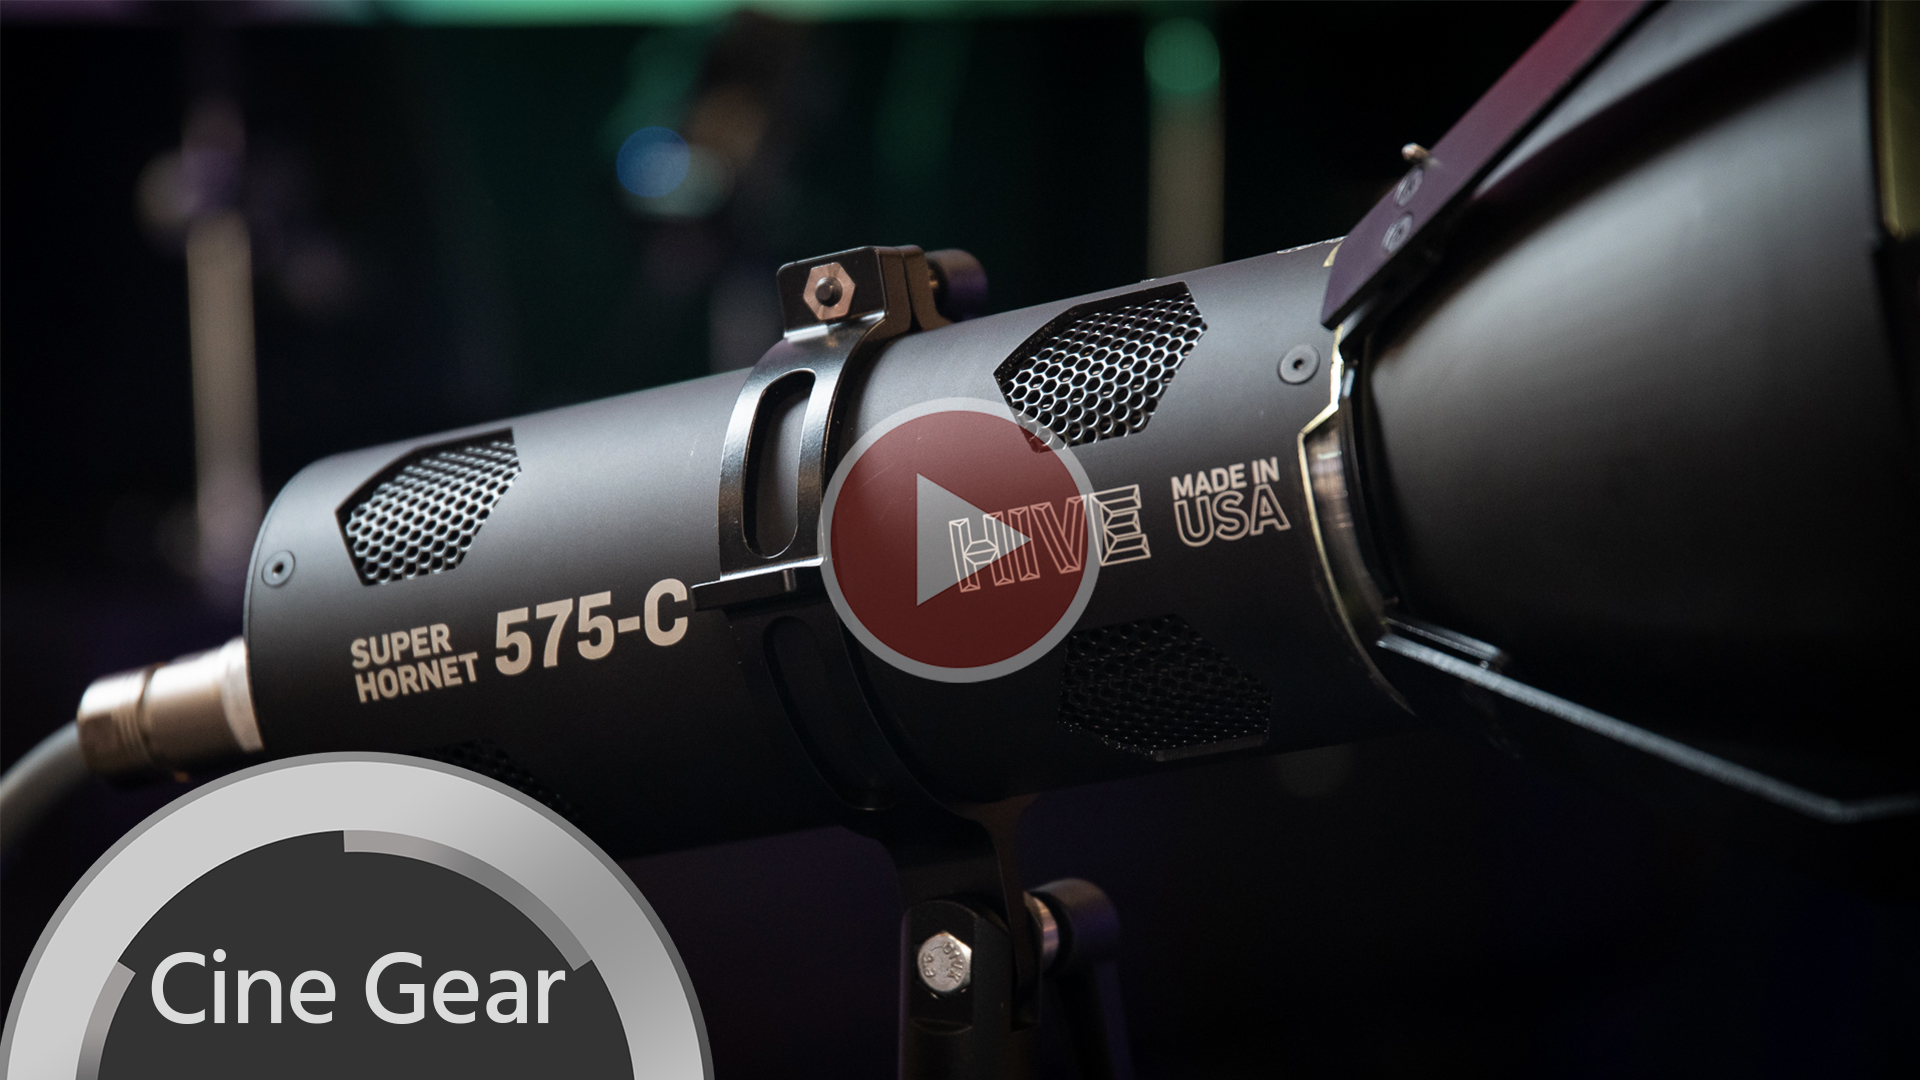 Hive Super Hornet 575-C en nuestras manos – fuente de luz a color de alta potencia